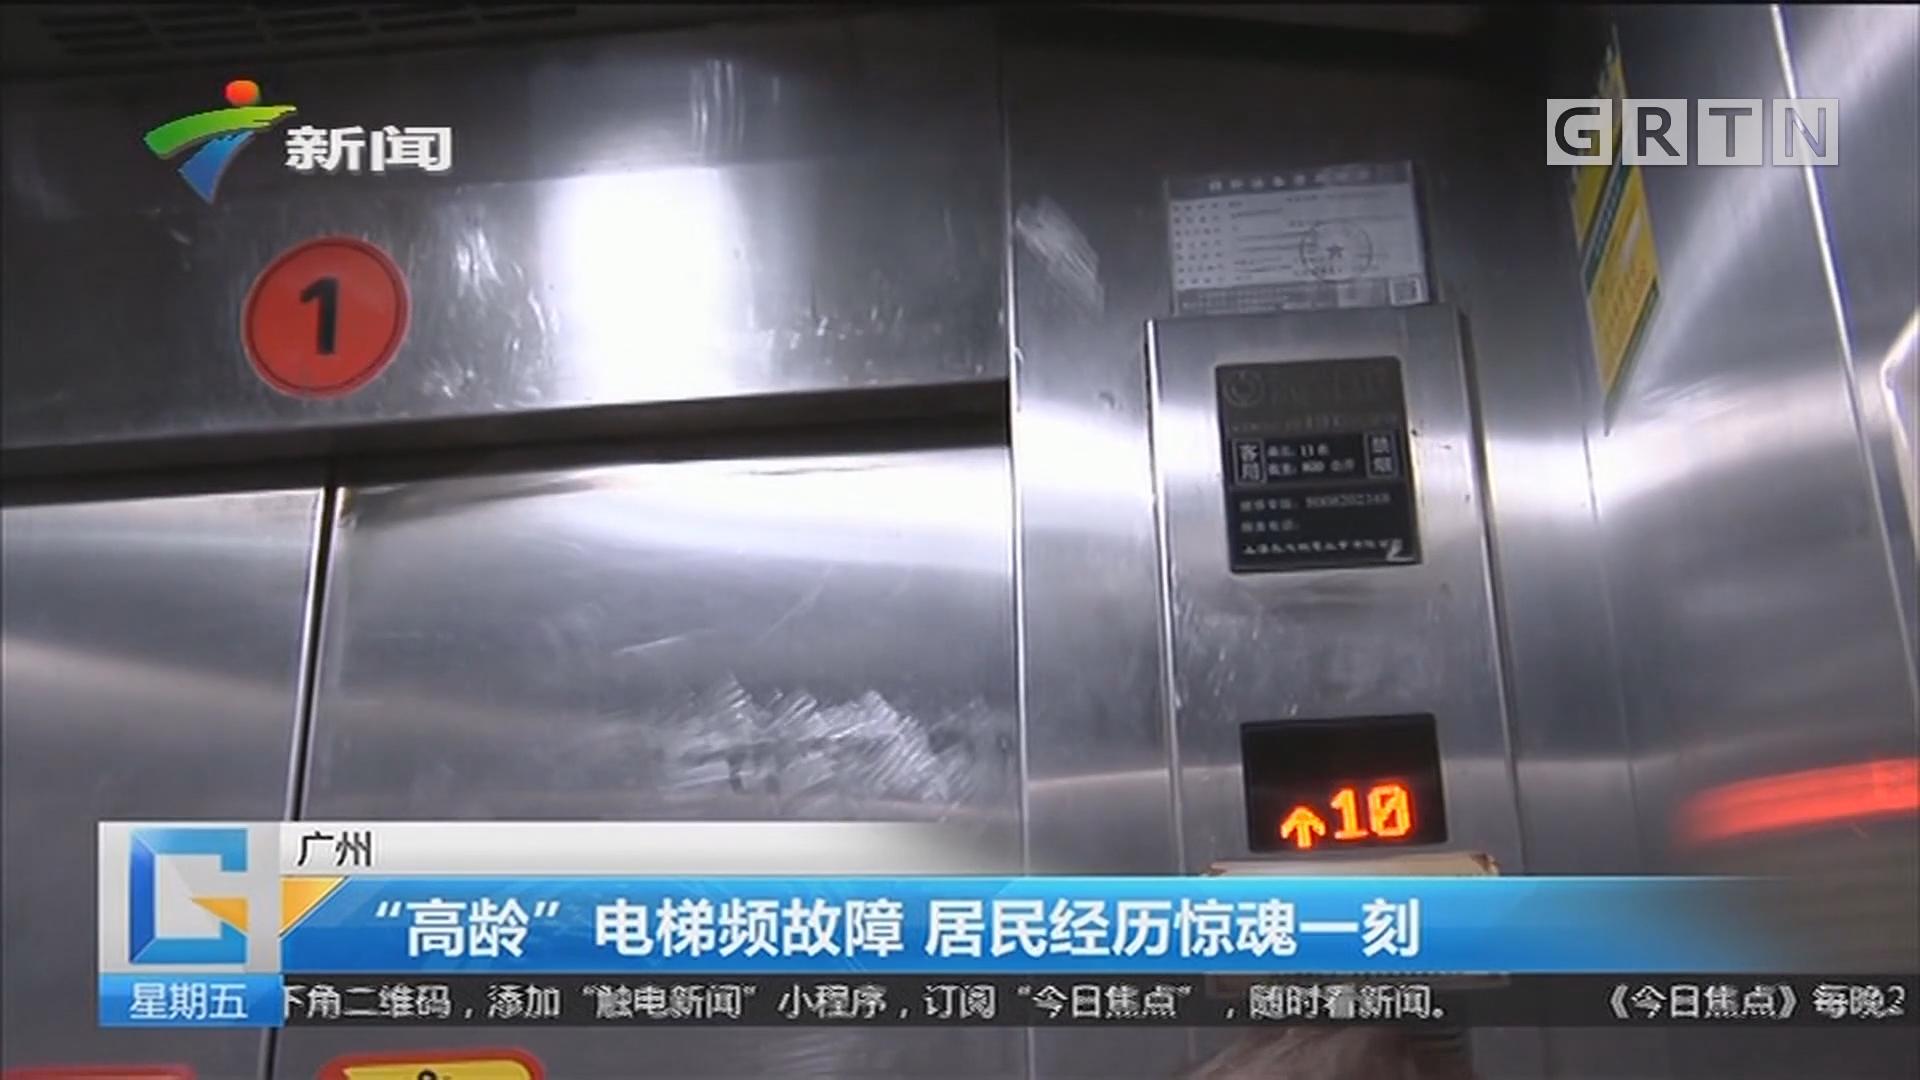 """广州 """"高龄""""电梯频故障 居民经历惊魂一刻"""